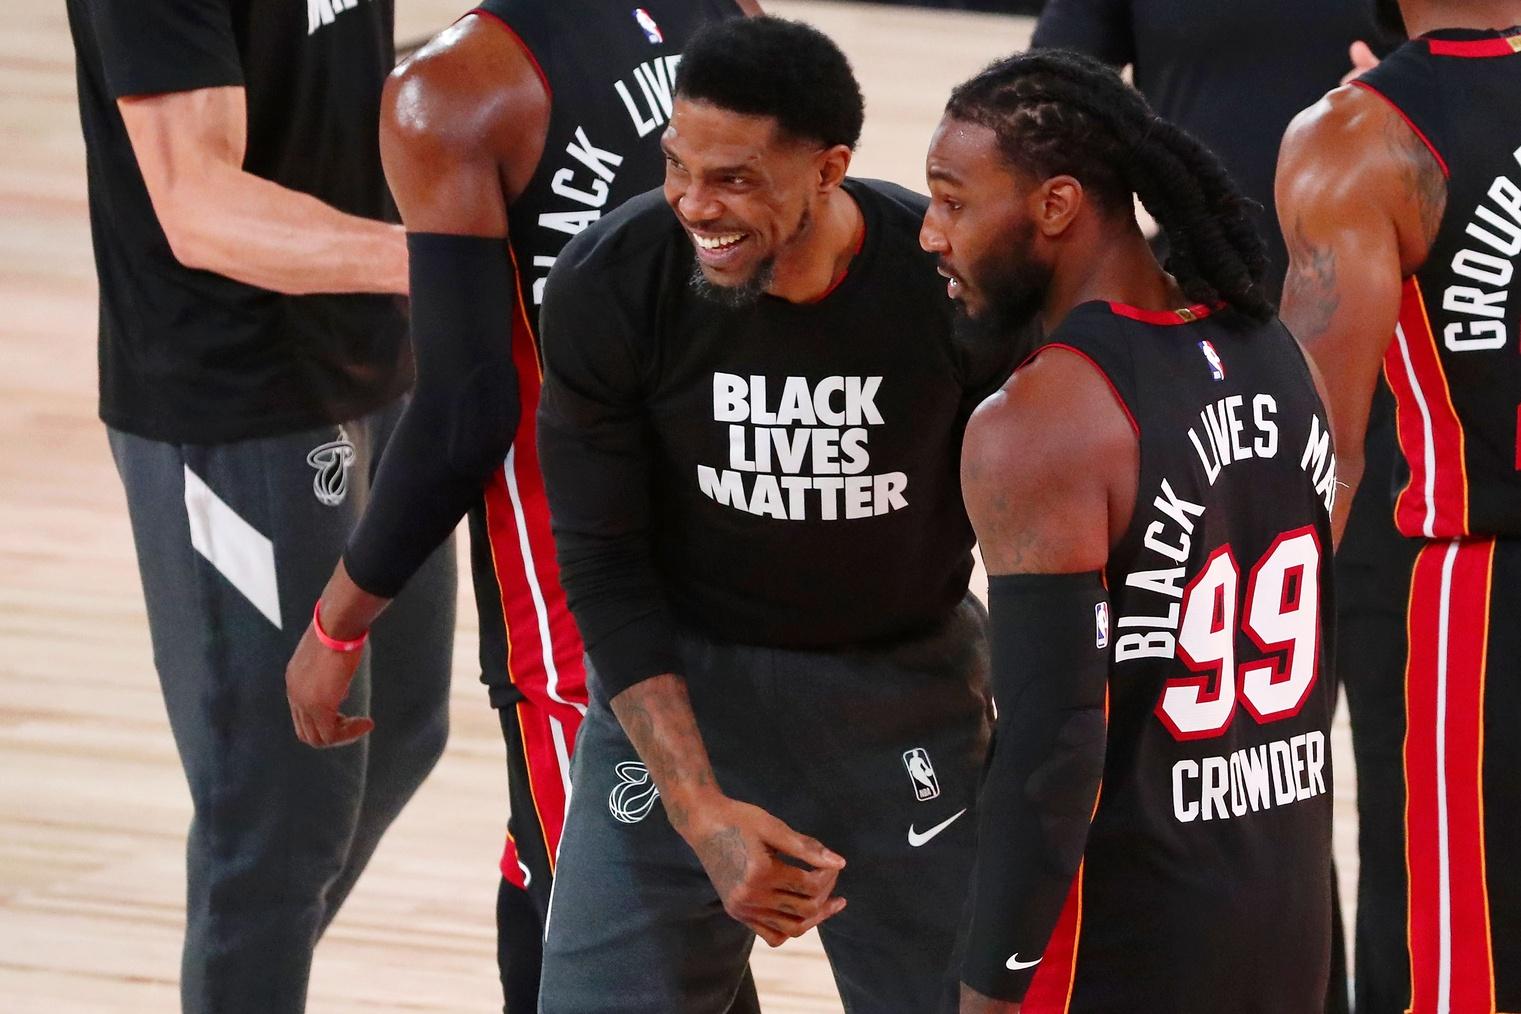 Юдонис Хаслем разжигает своим огнем «Хит» и остается лидером команды в плей-офф НБА